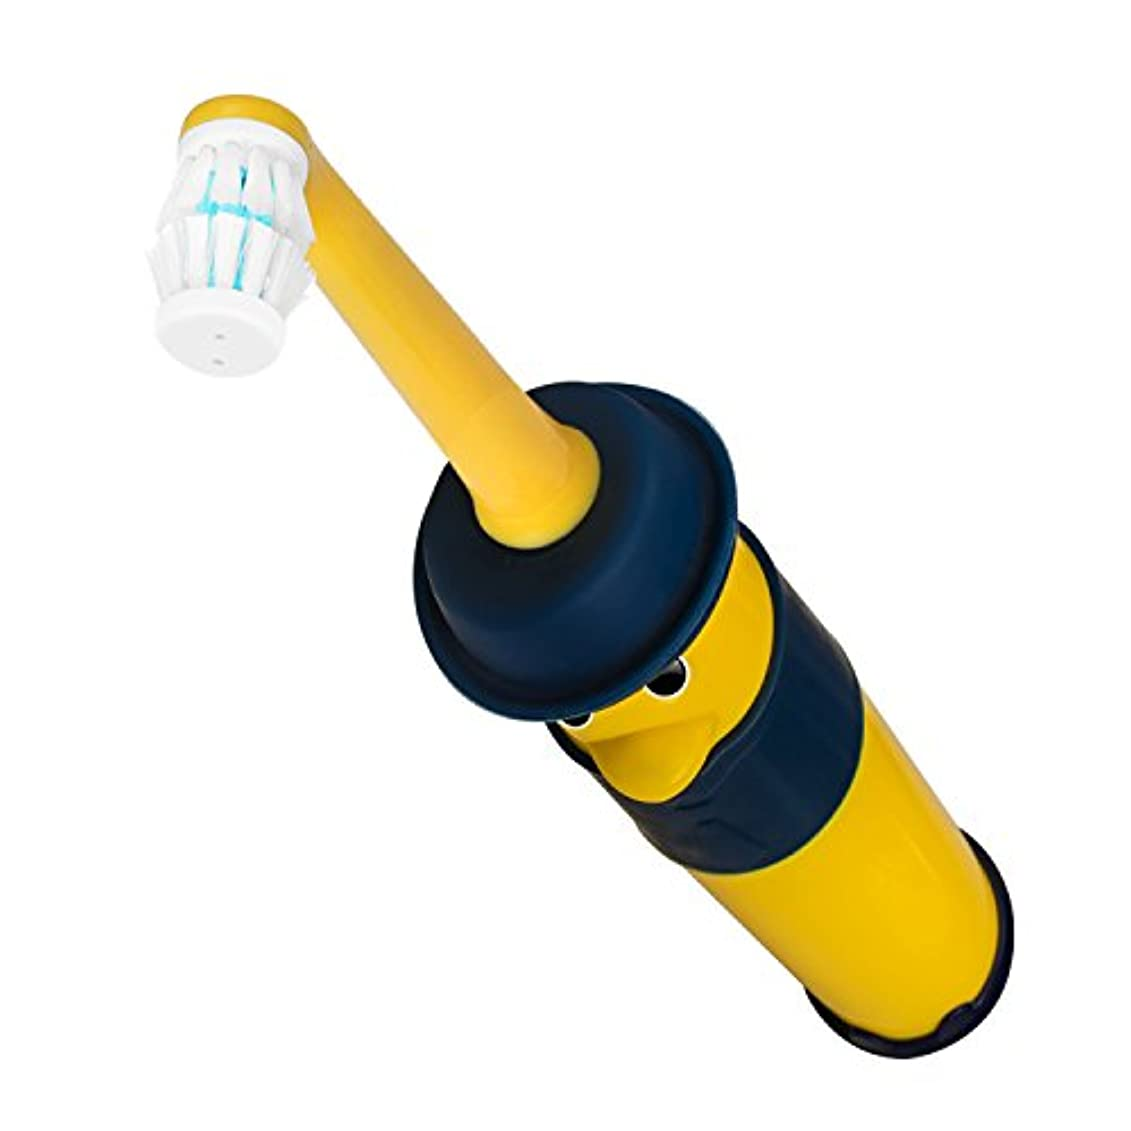 不健全扱うヒロイン電動歯ブラシ 子供用 YAFEELR かわいいキャラクター 360度右回り/左周り自由に回転で、自動切替対応 防水 国際特許所得 単3形アルカリ乾電池2個 ダブルメリットブラシです (3-6歳 黄色い)